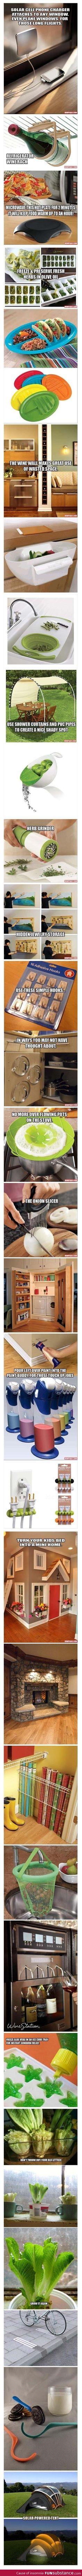 Amazing ideas of awesome. Fridge wine rack?!?